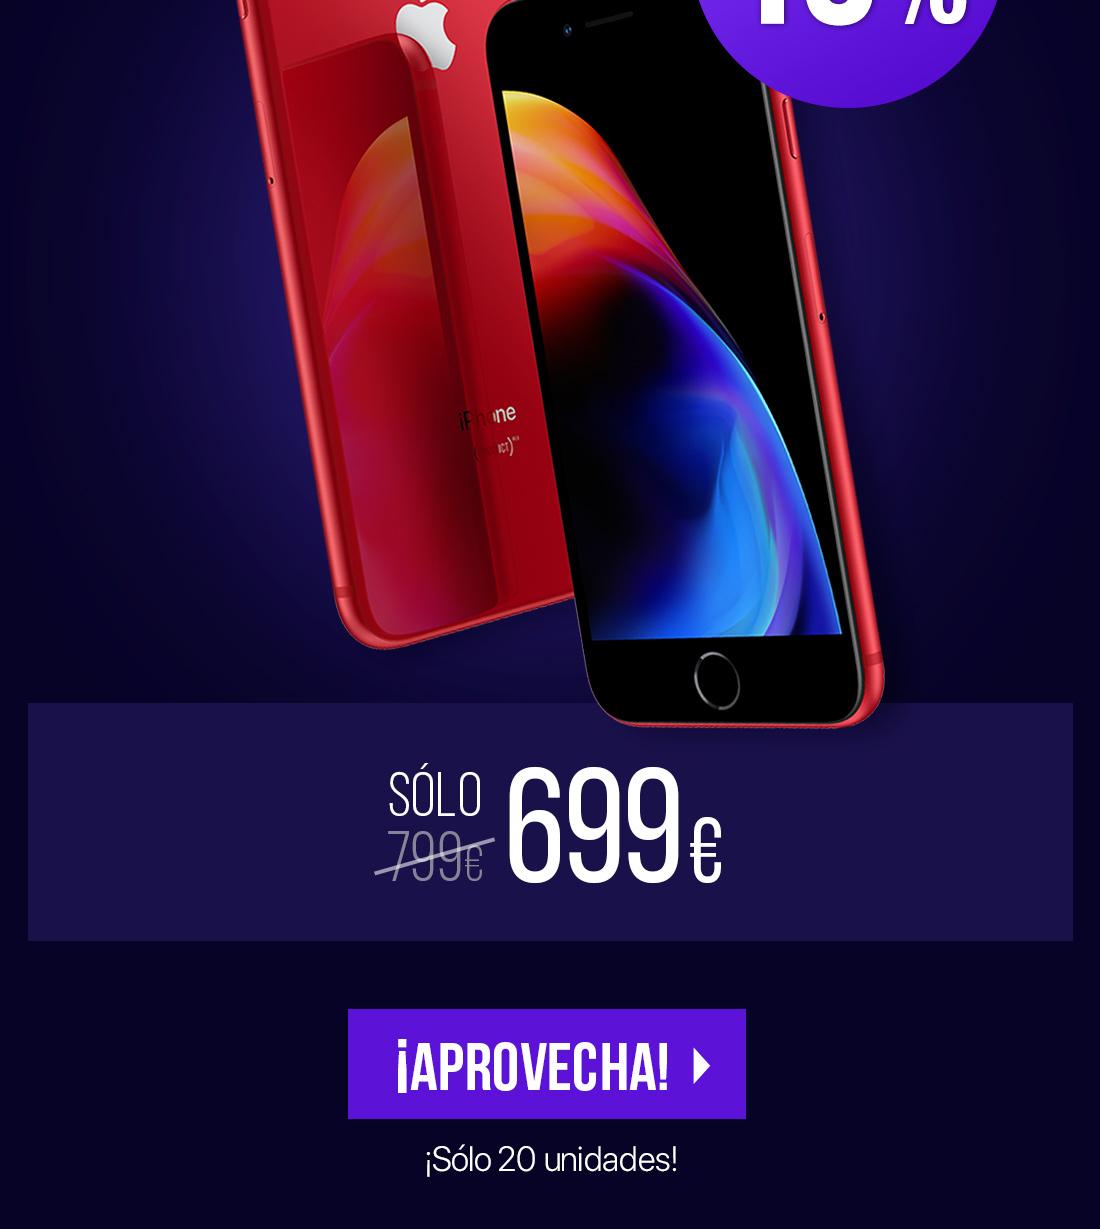 SM Apple iPhone 8 Plus 64GB Red Edicion especial